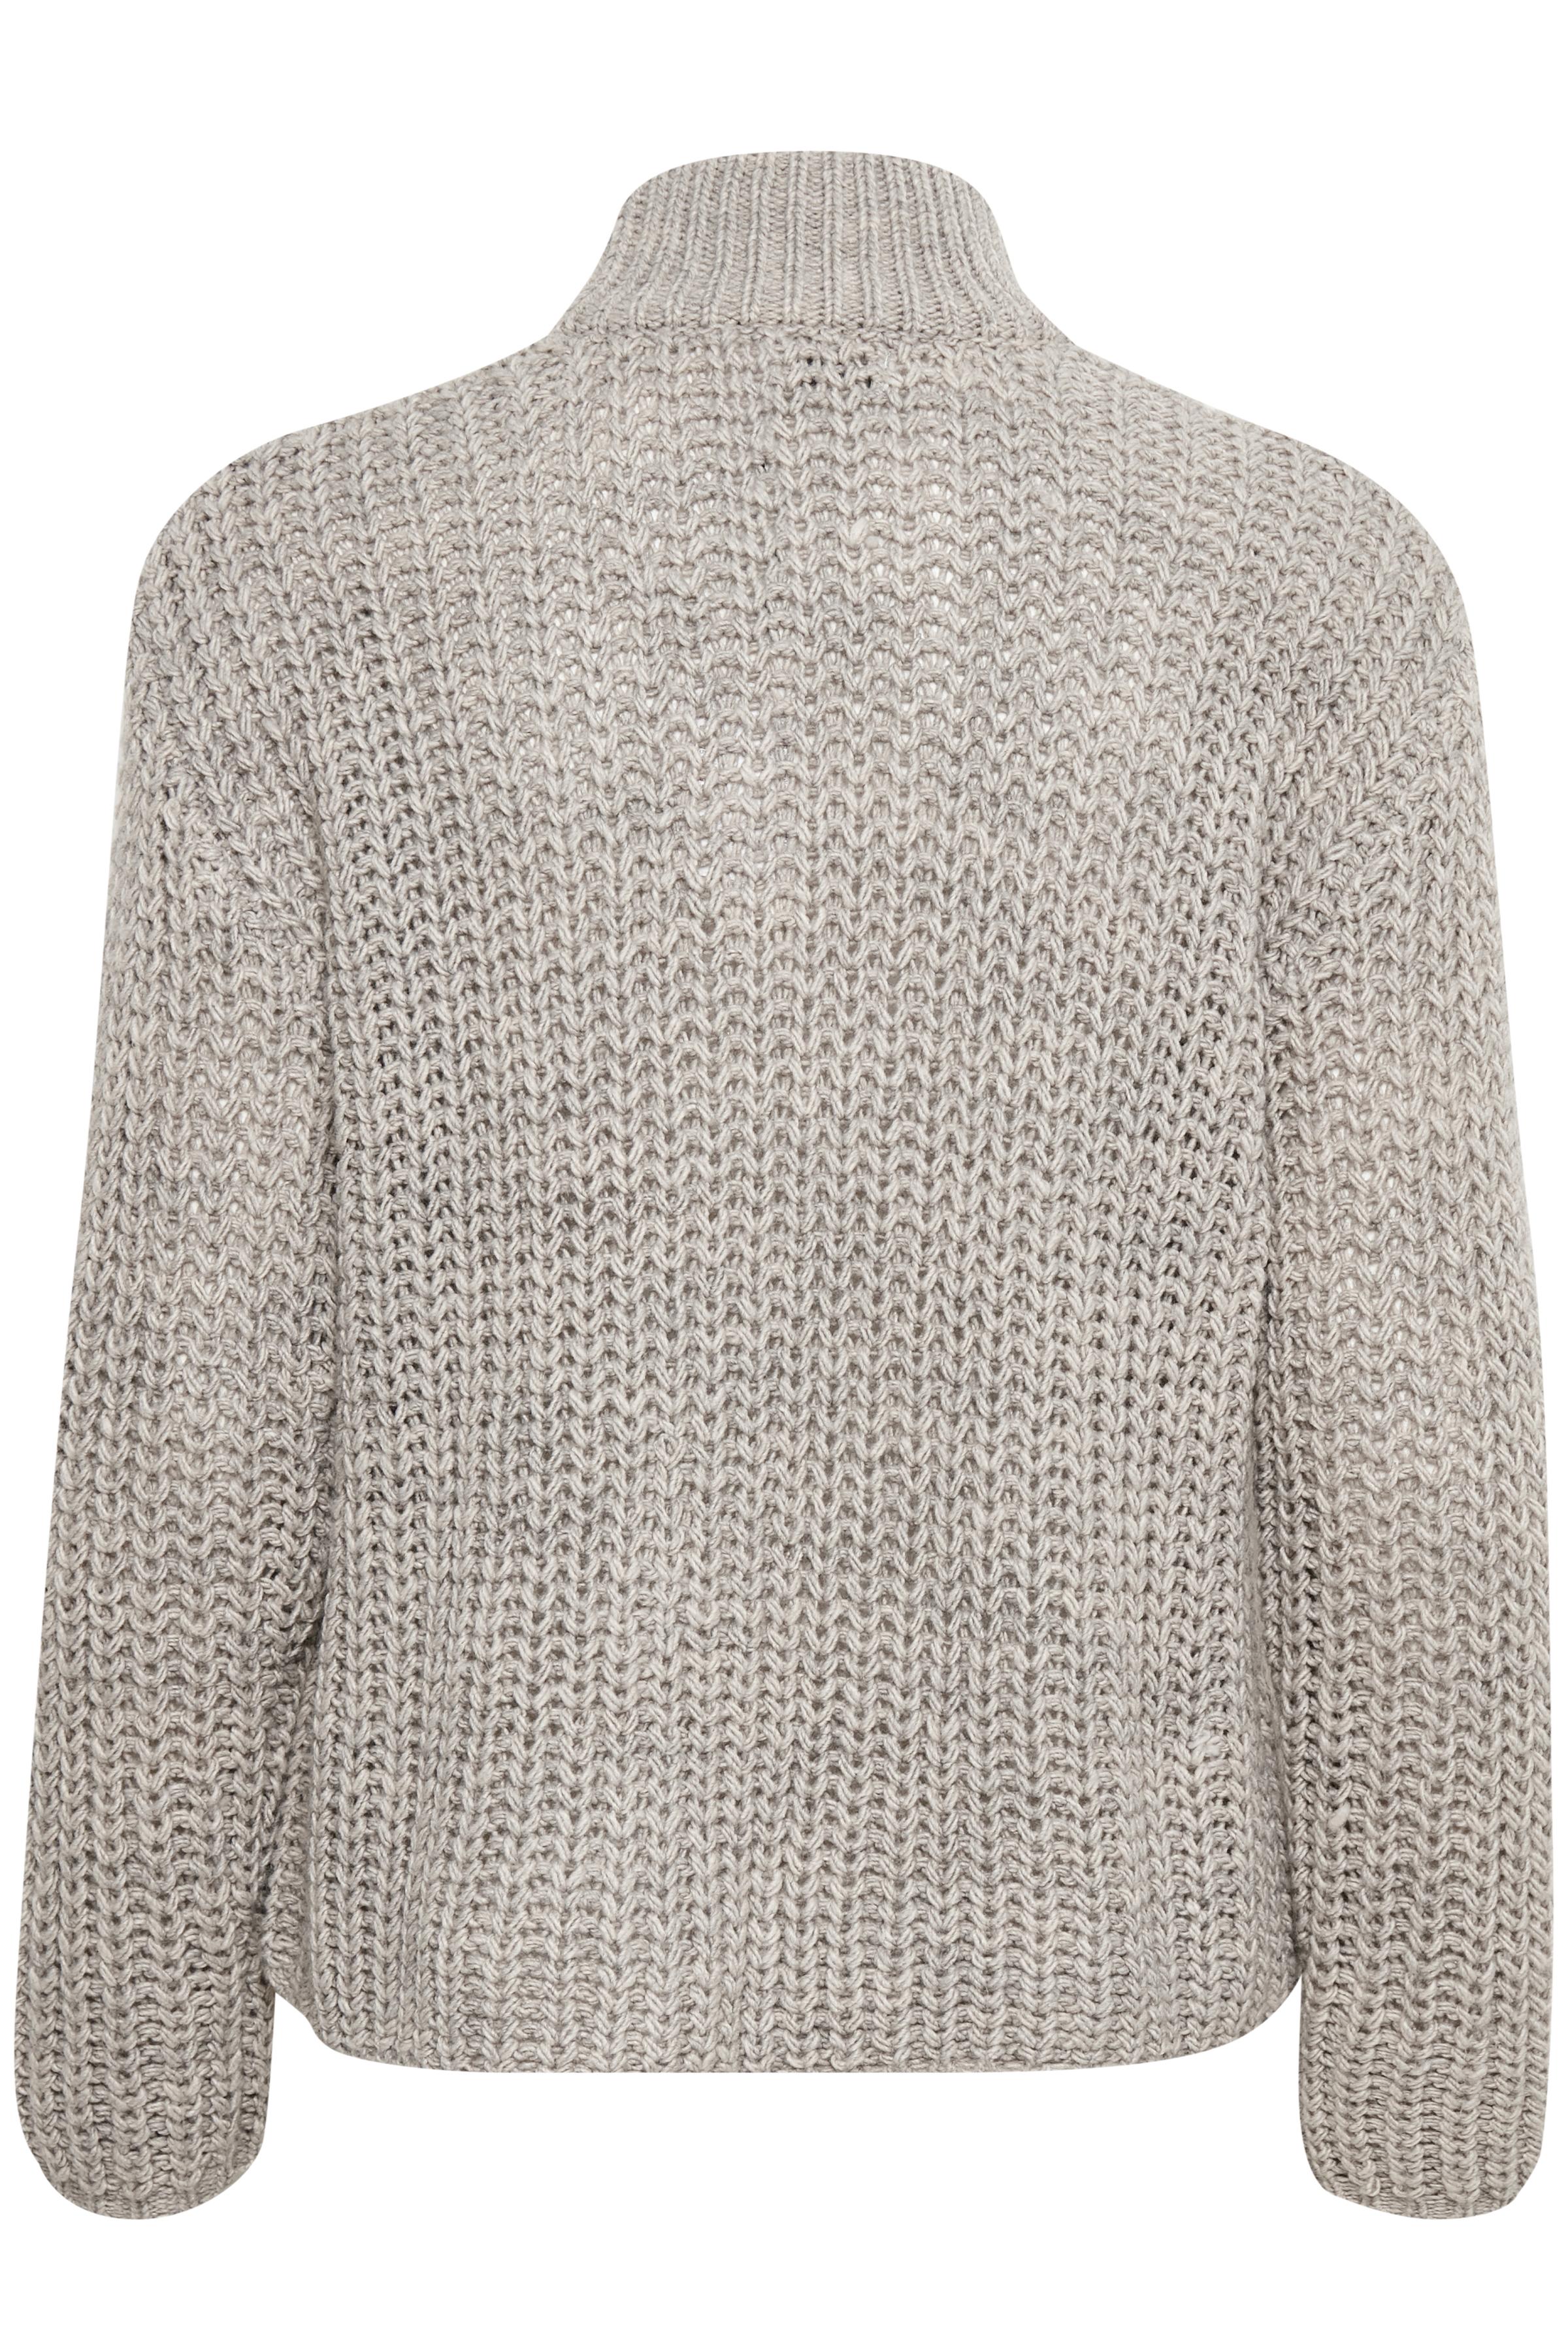 Grå Stickad pullover från Dranella – Köp Grå Stickad pullover från stl. XS-XXL här